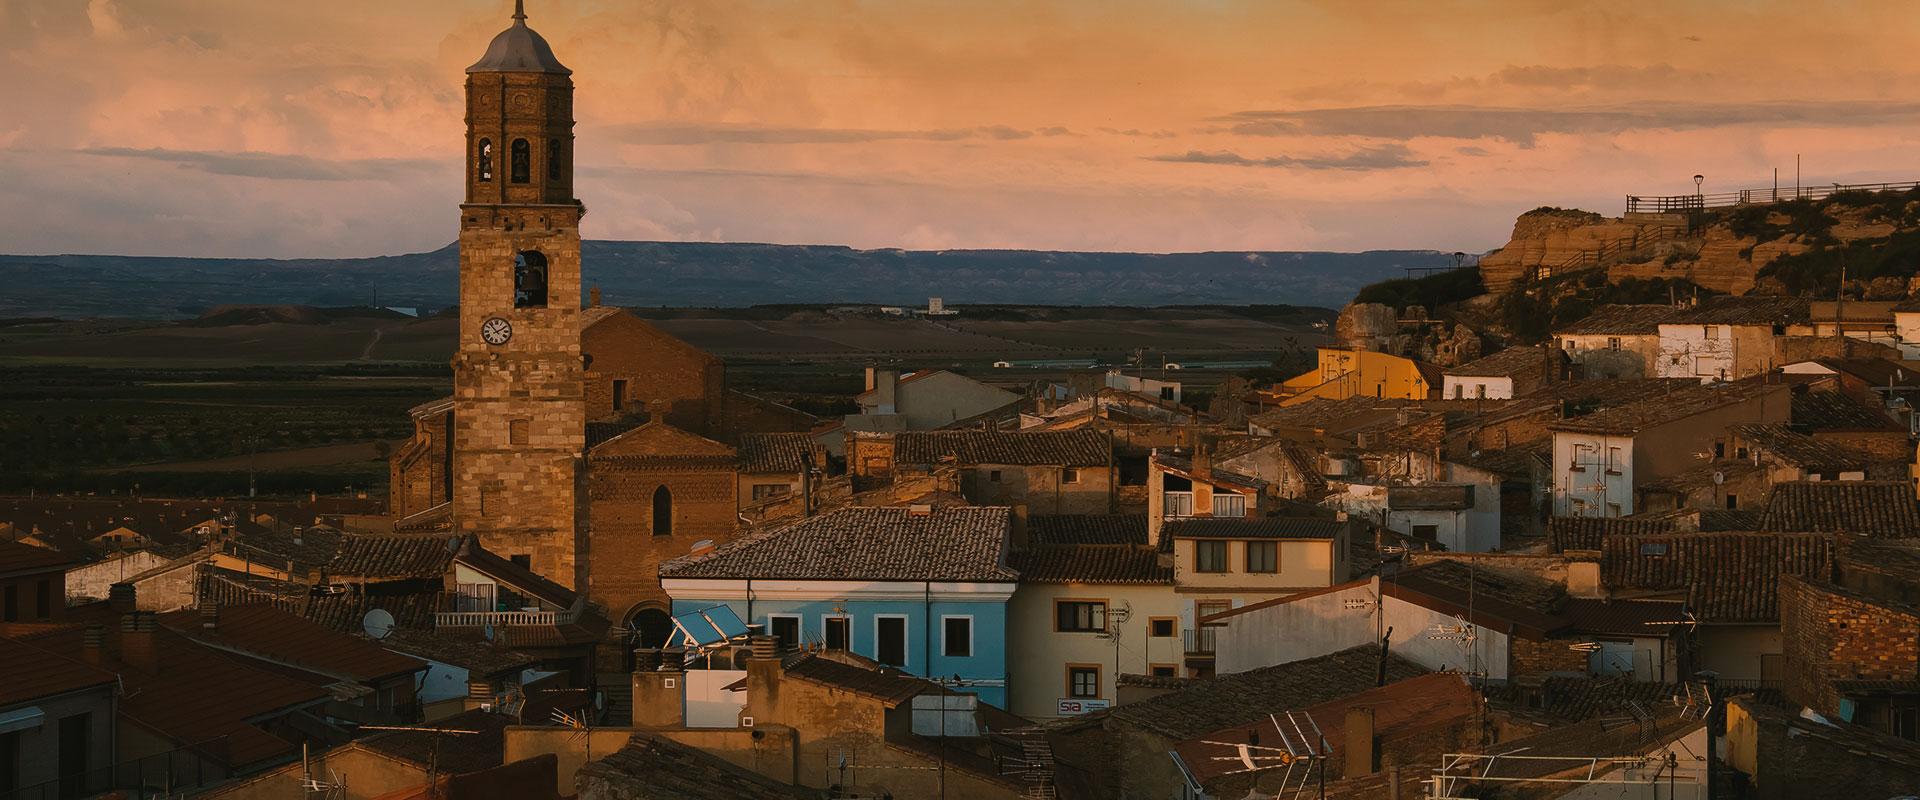 001_turismos-rural-blog-con-las-mejores-actividades-del-terrirotiro-de-navarra-escapadas-y-planes-de-finde-de-semana-casa-y-hoteles-rurales